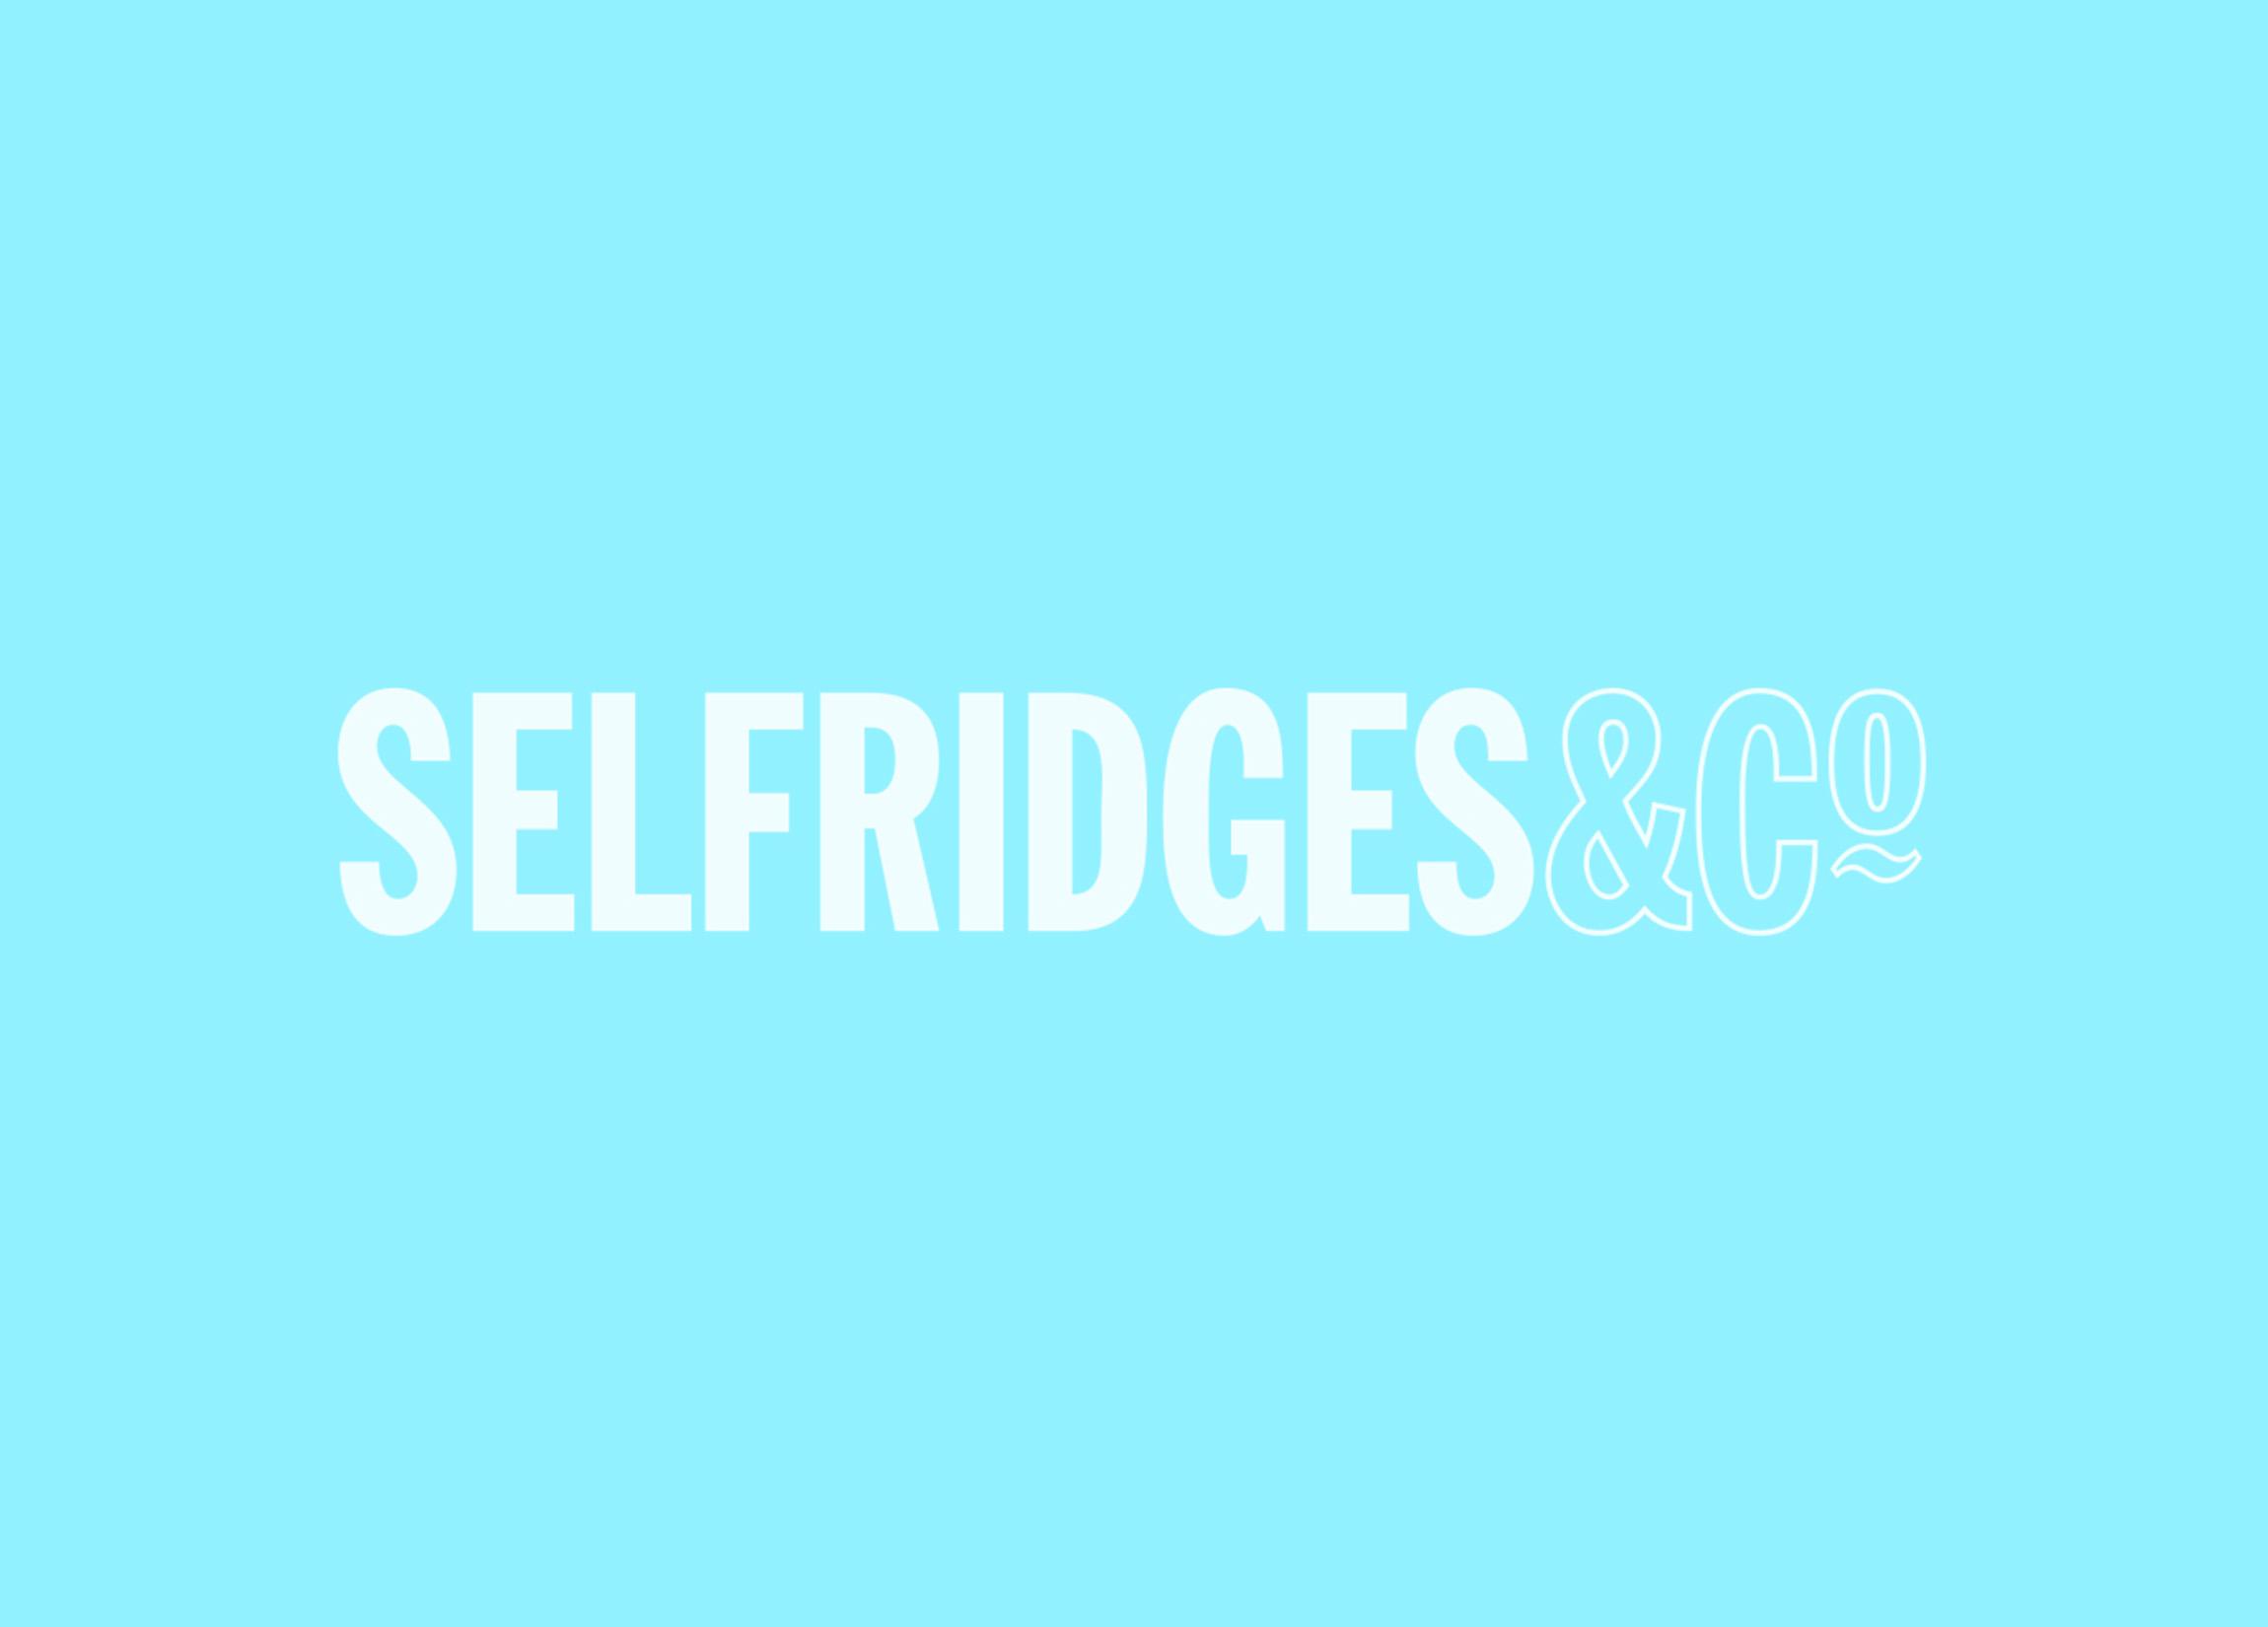 Selfridges - Project Ocean / Digital Marketing / Touch Window